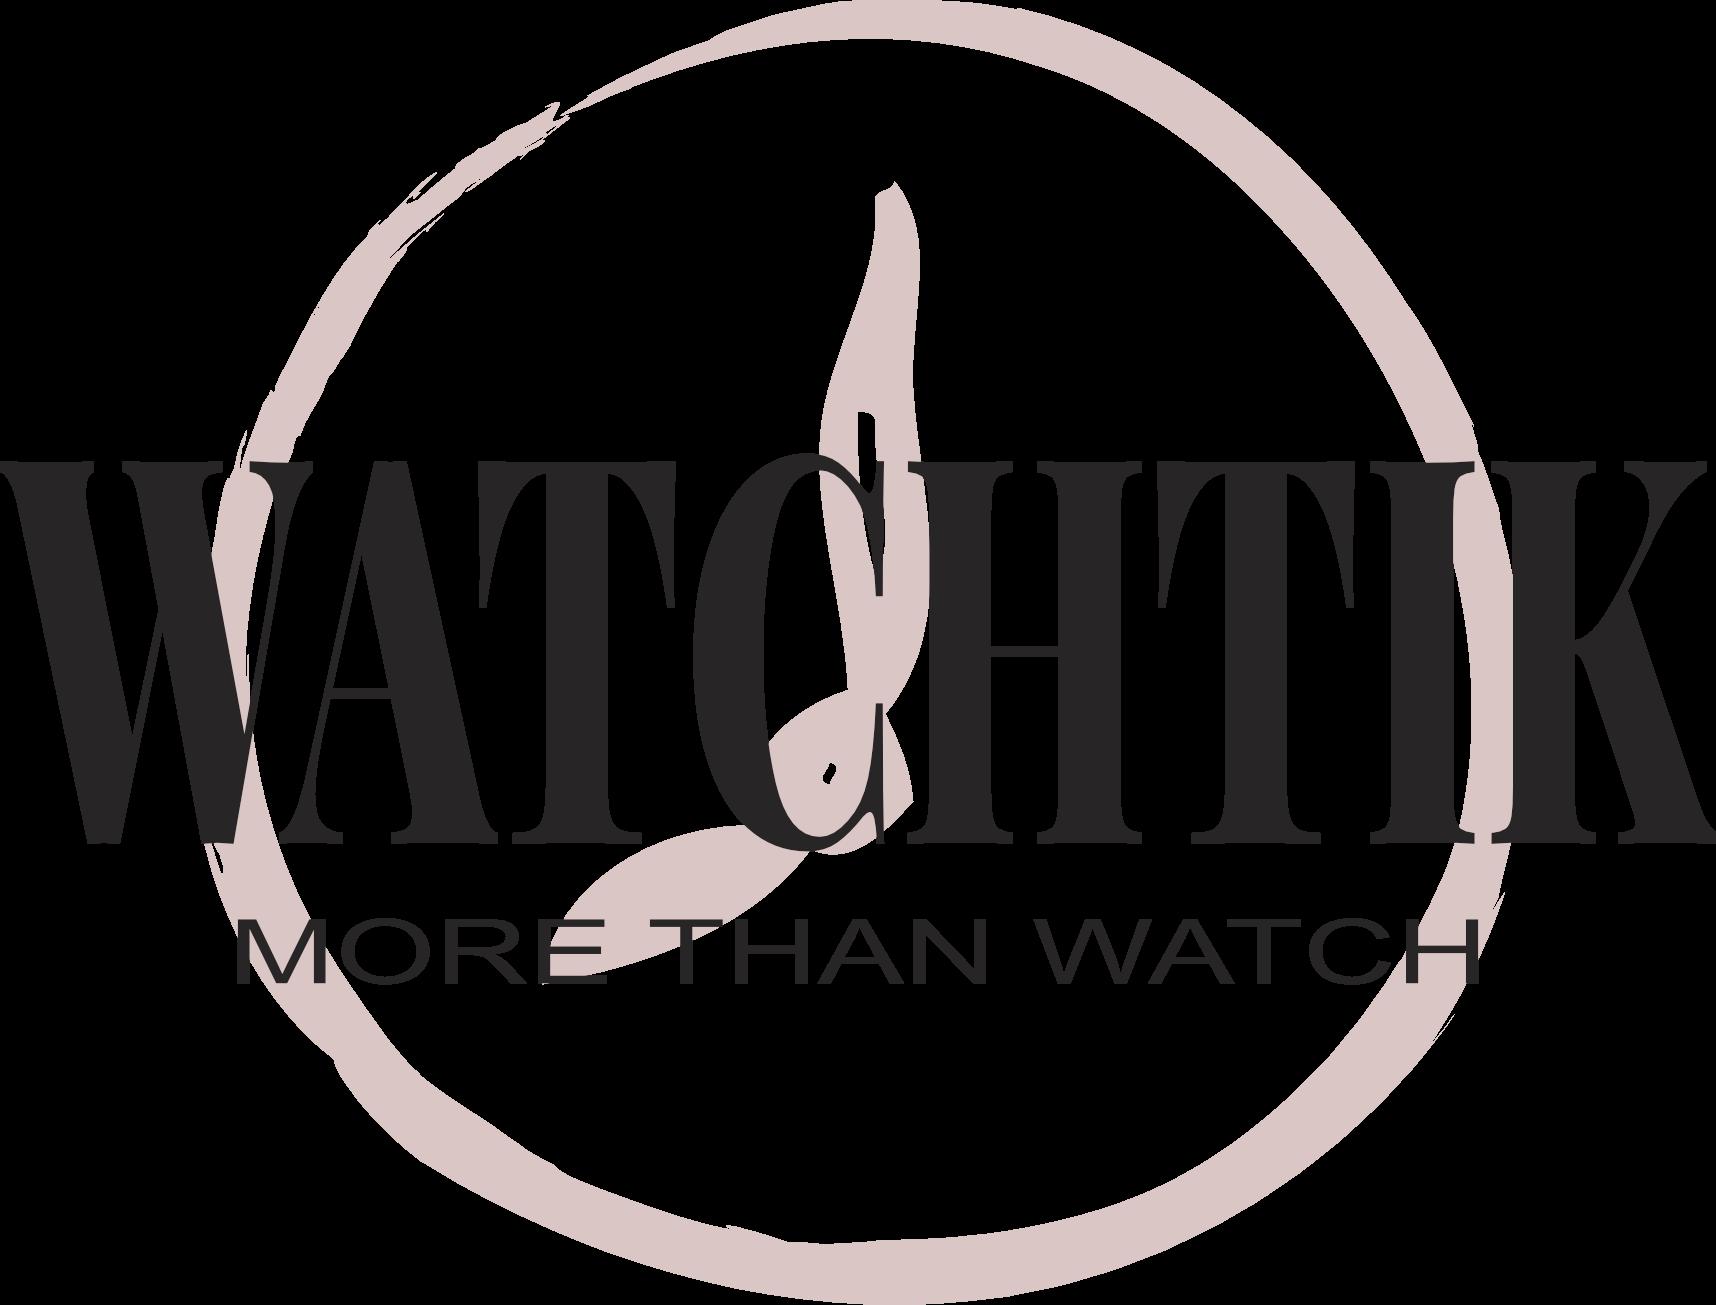 www.watchtik.com